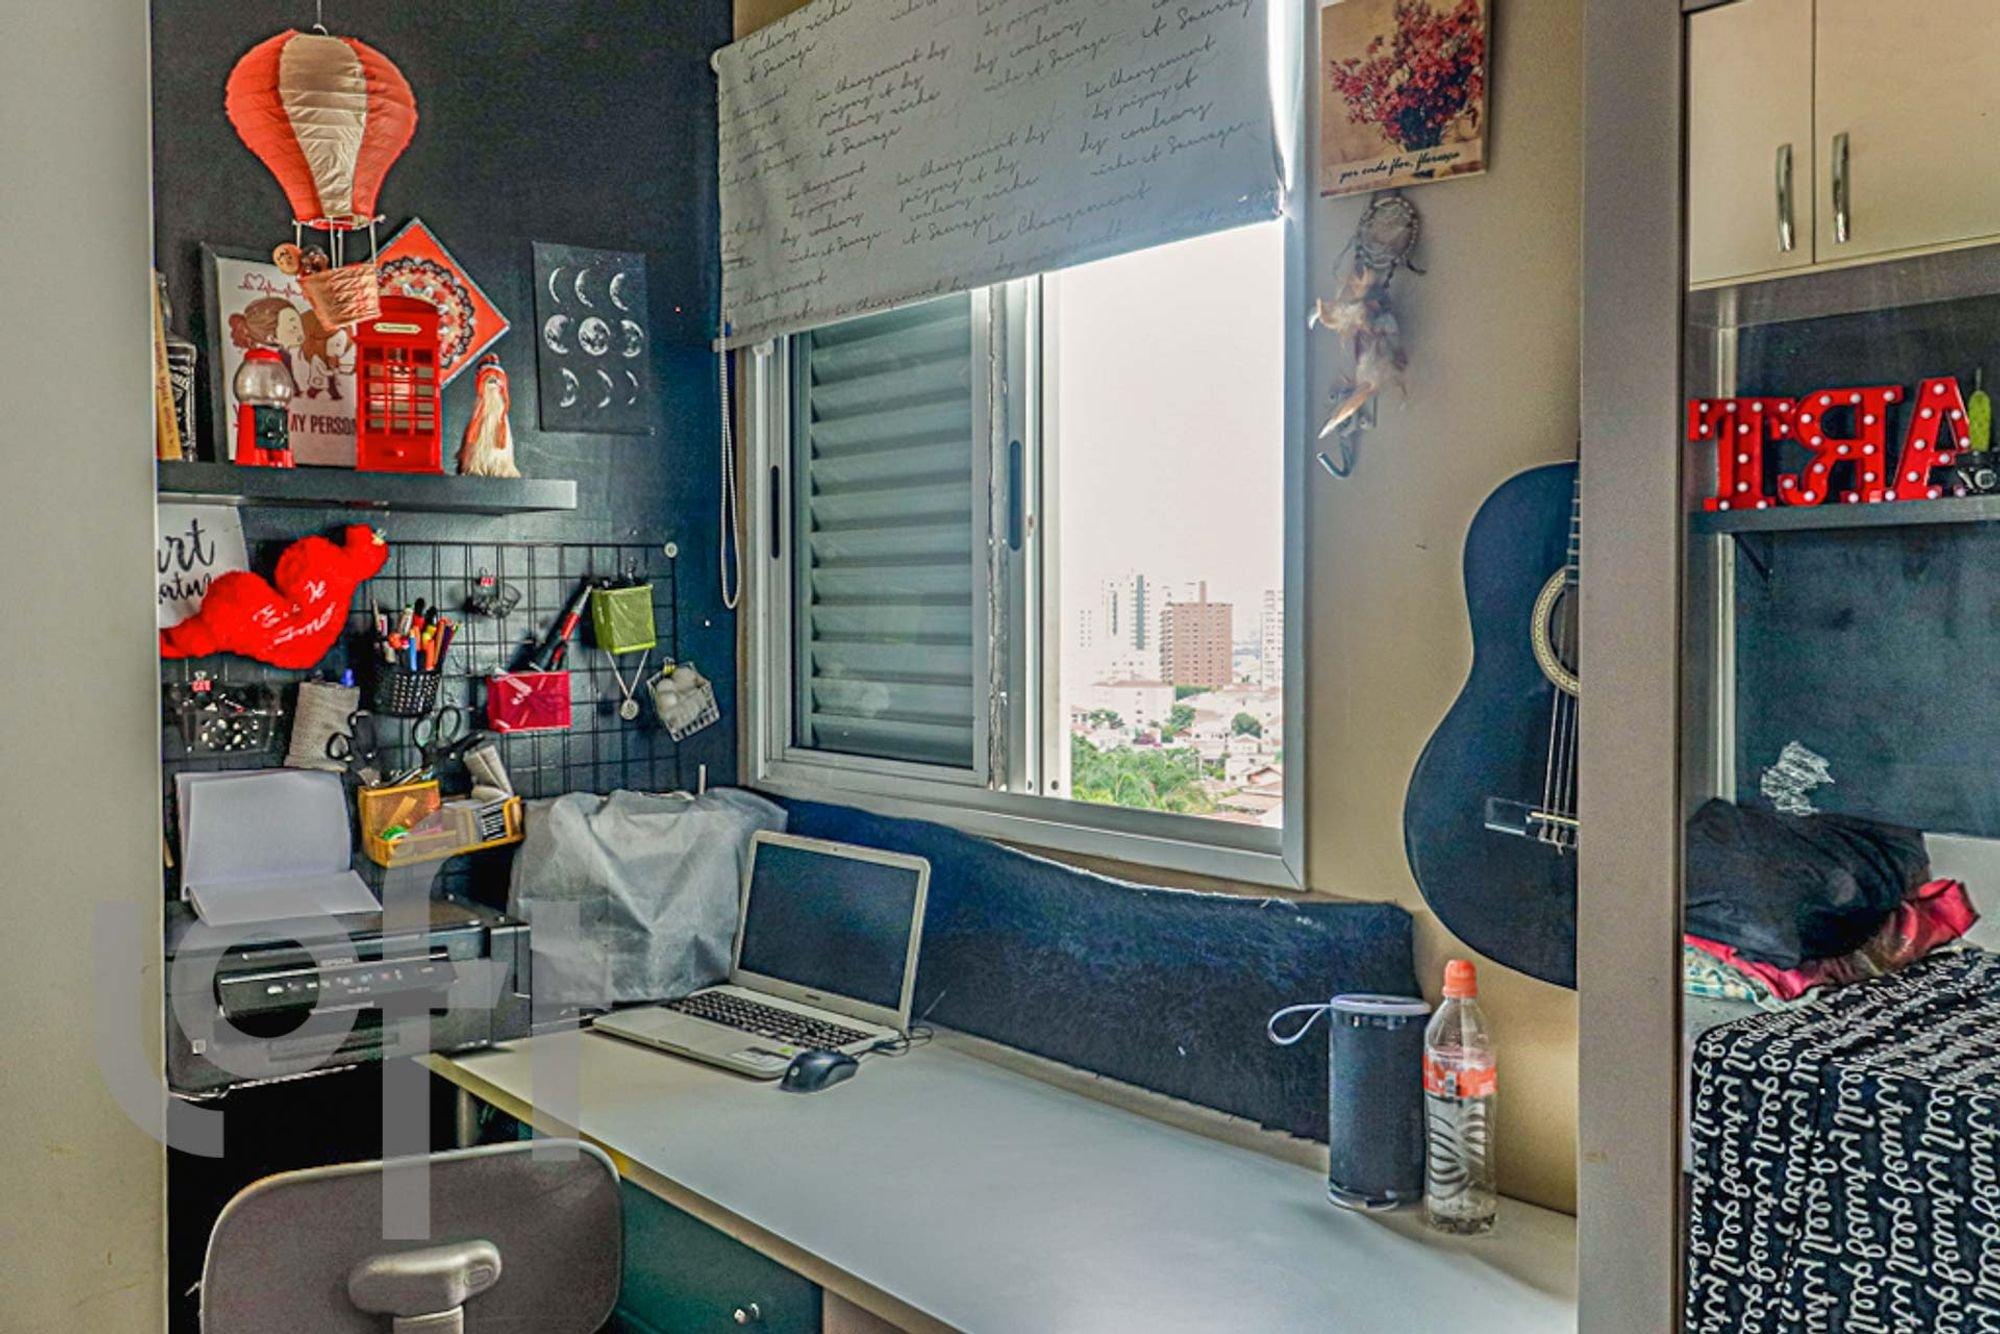 Foto de Cozinha com teclado, garrafa, computador portátil, cadeira